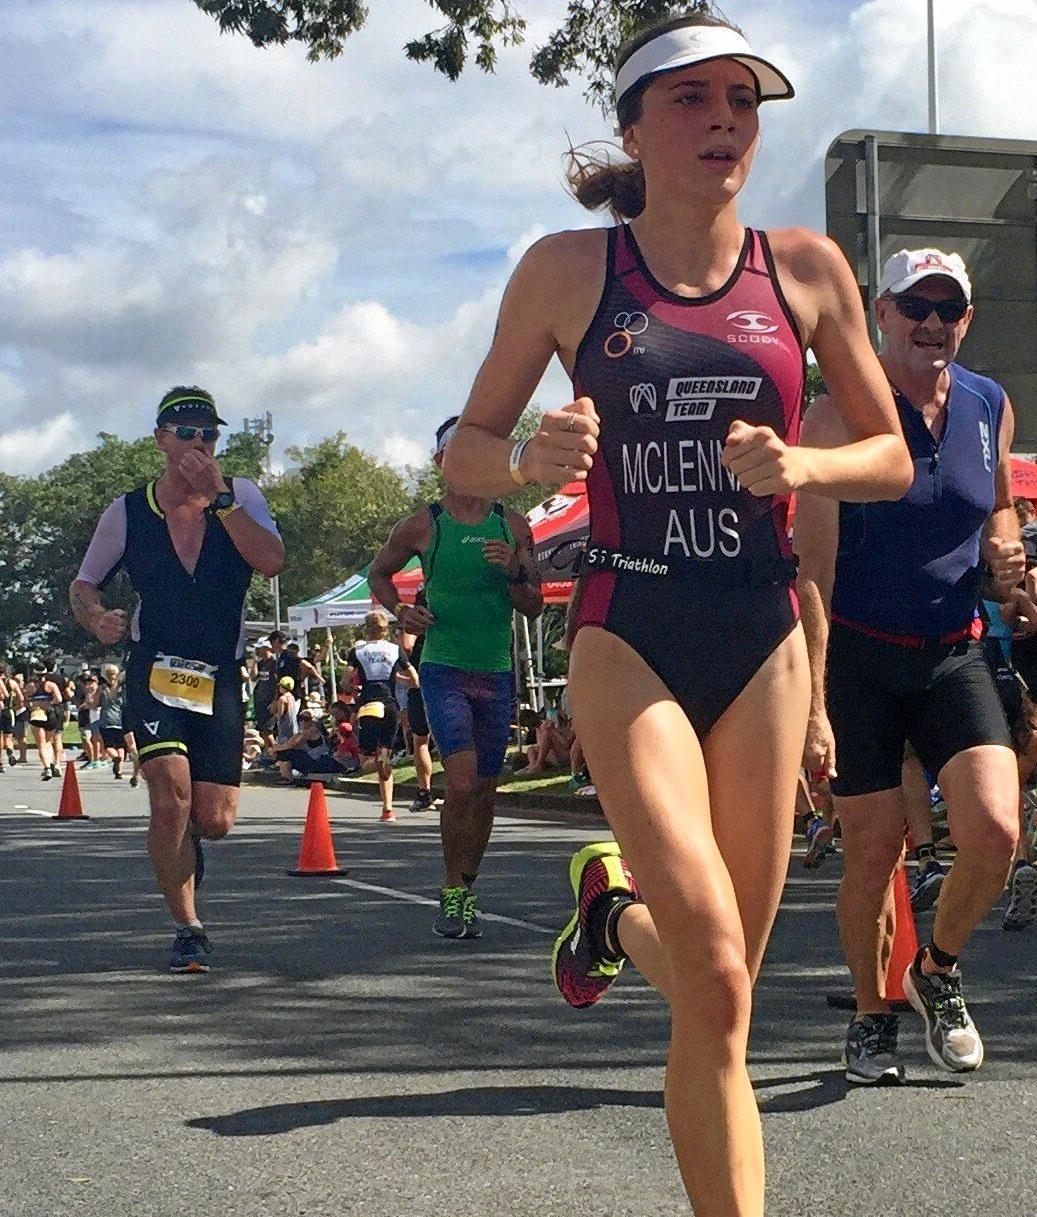 TALENTED: Chloe McLennan in full race mode.